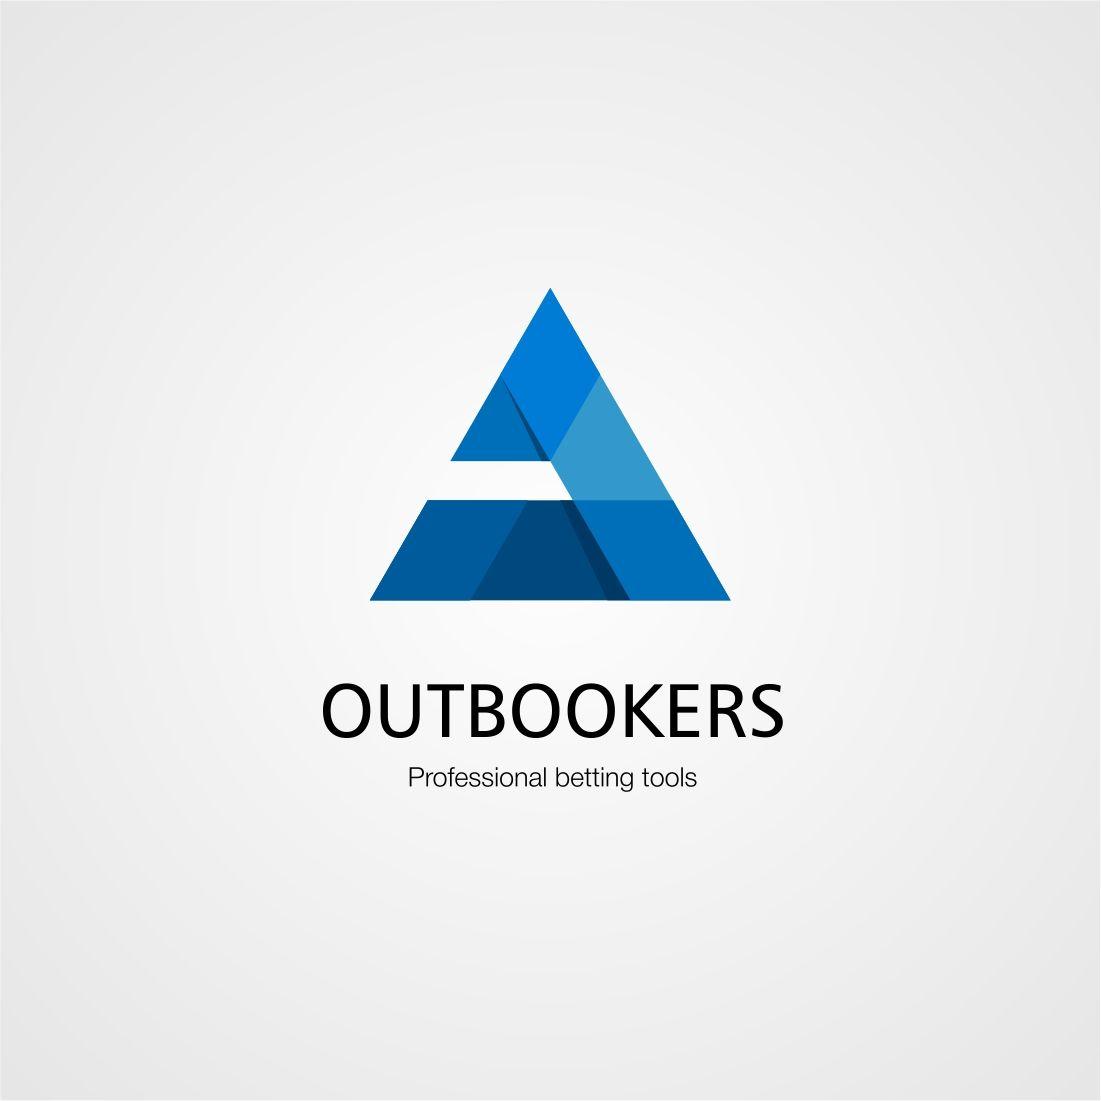 Логотип для компании (спортивная аналитика) - дизайнер TVdesign